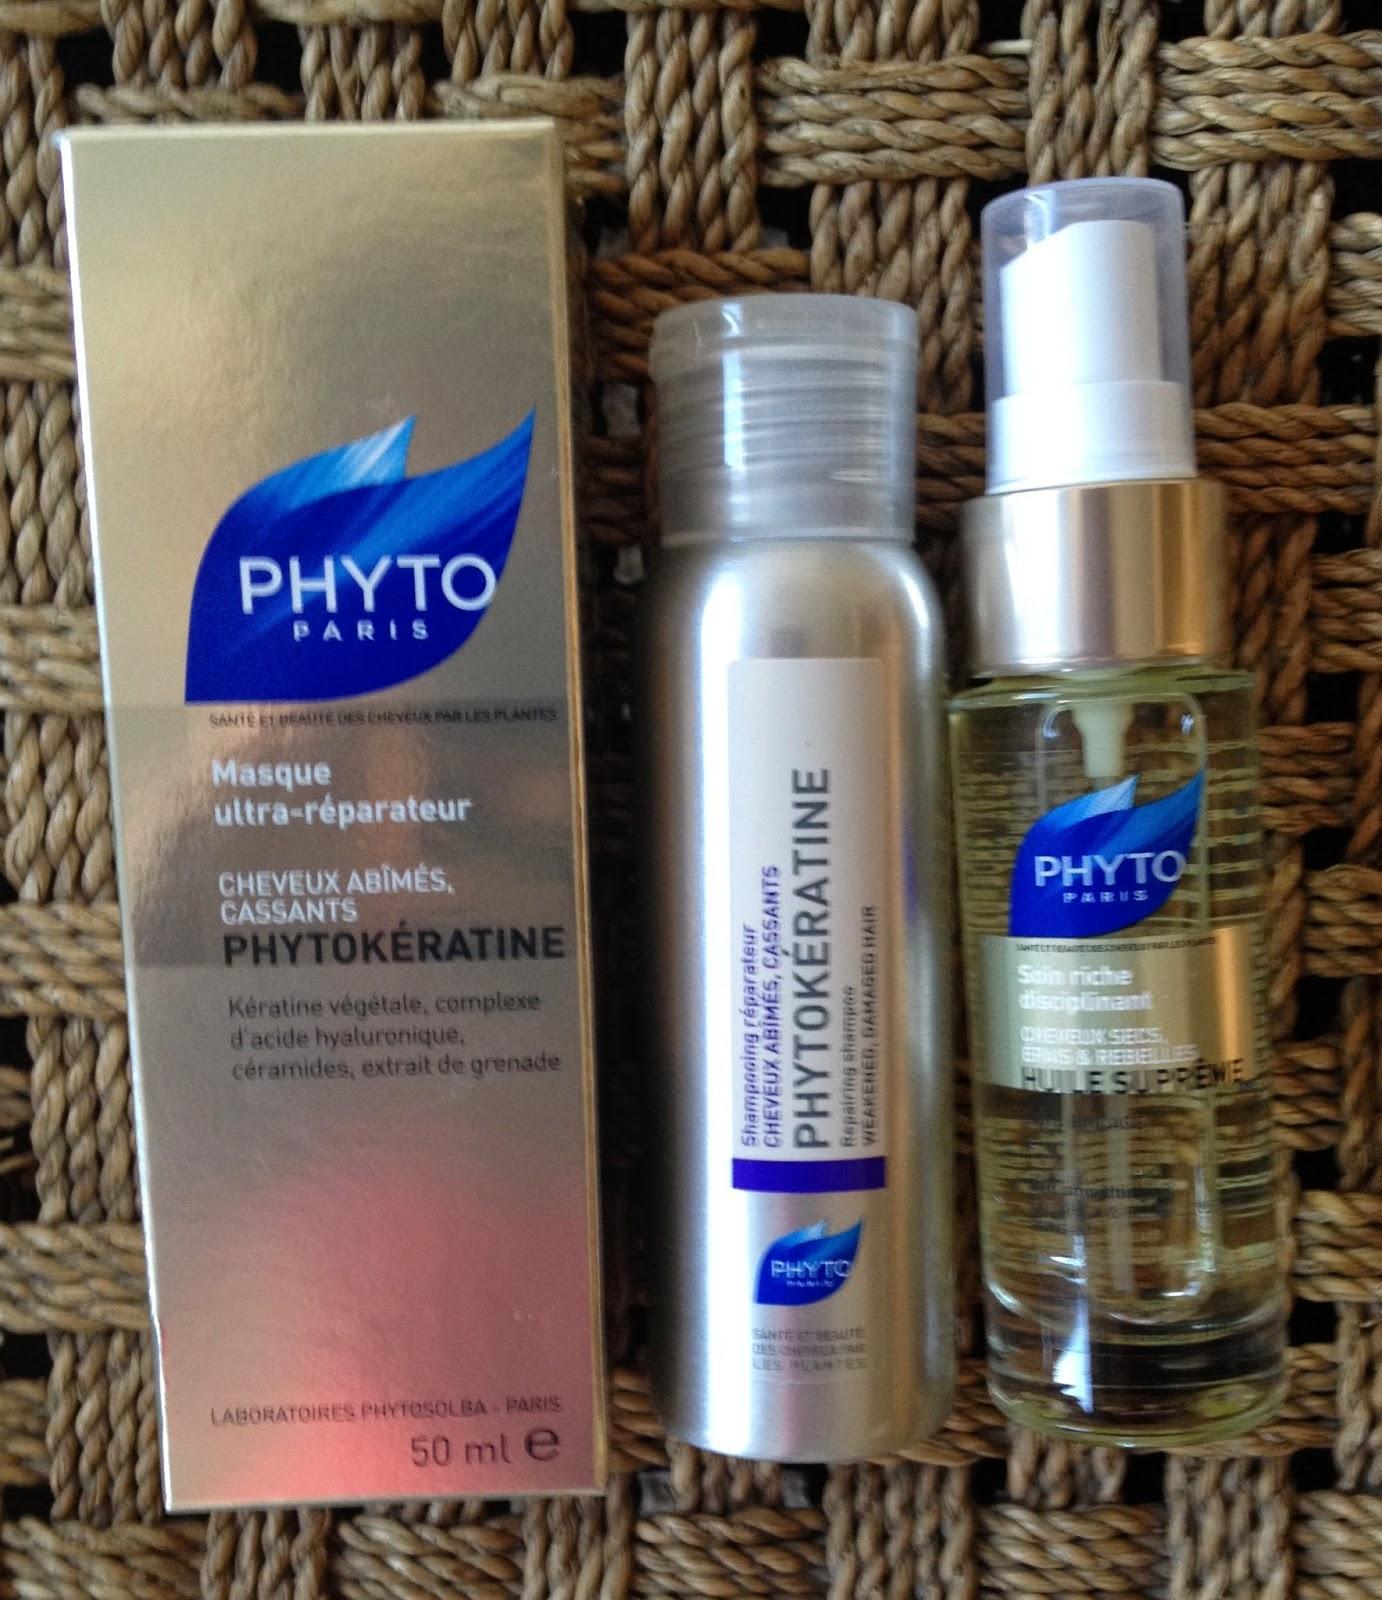 Le kit de voyage Phyto : qu'est ce que ça vaut ?